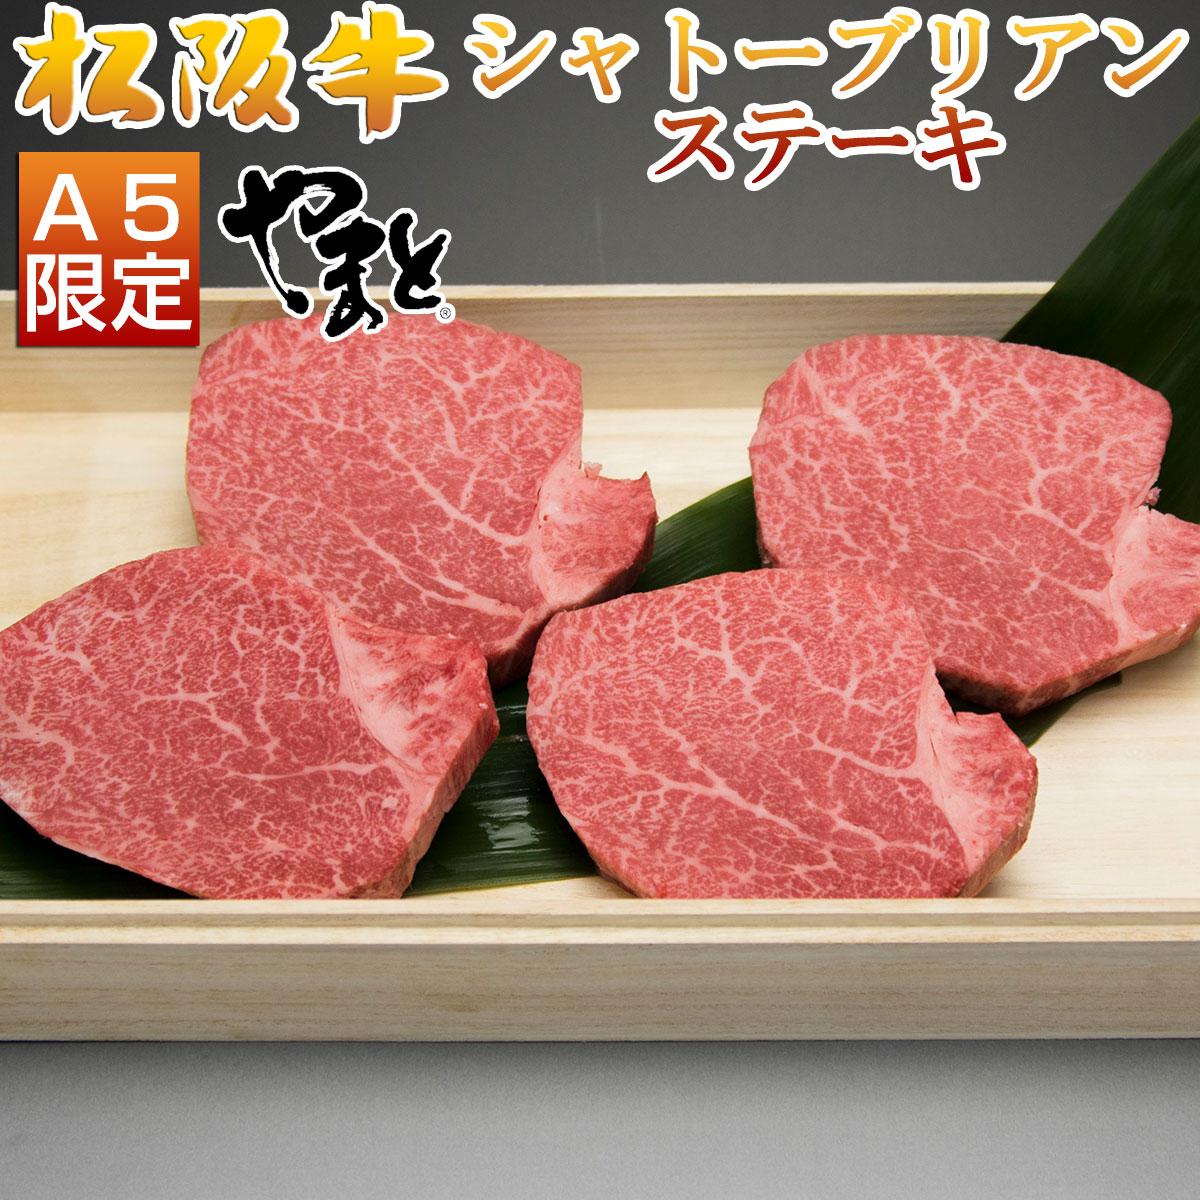 松阪牛A5 シャトーブリアン(ヒレ) ステーキ100g×4枚セット